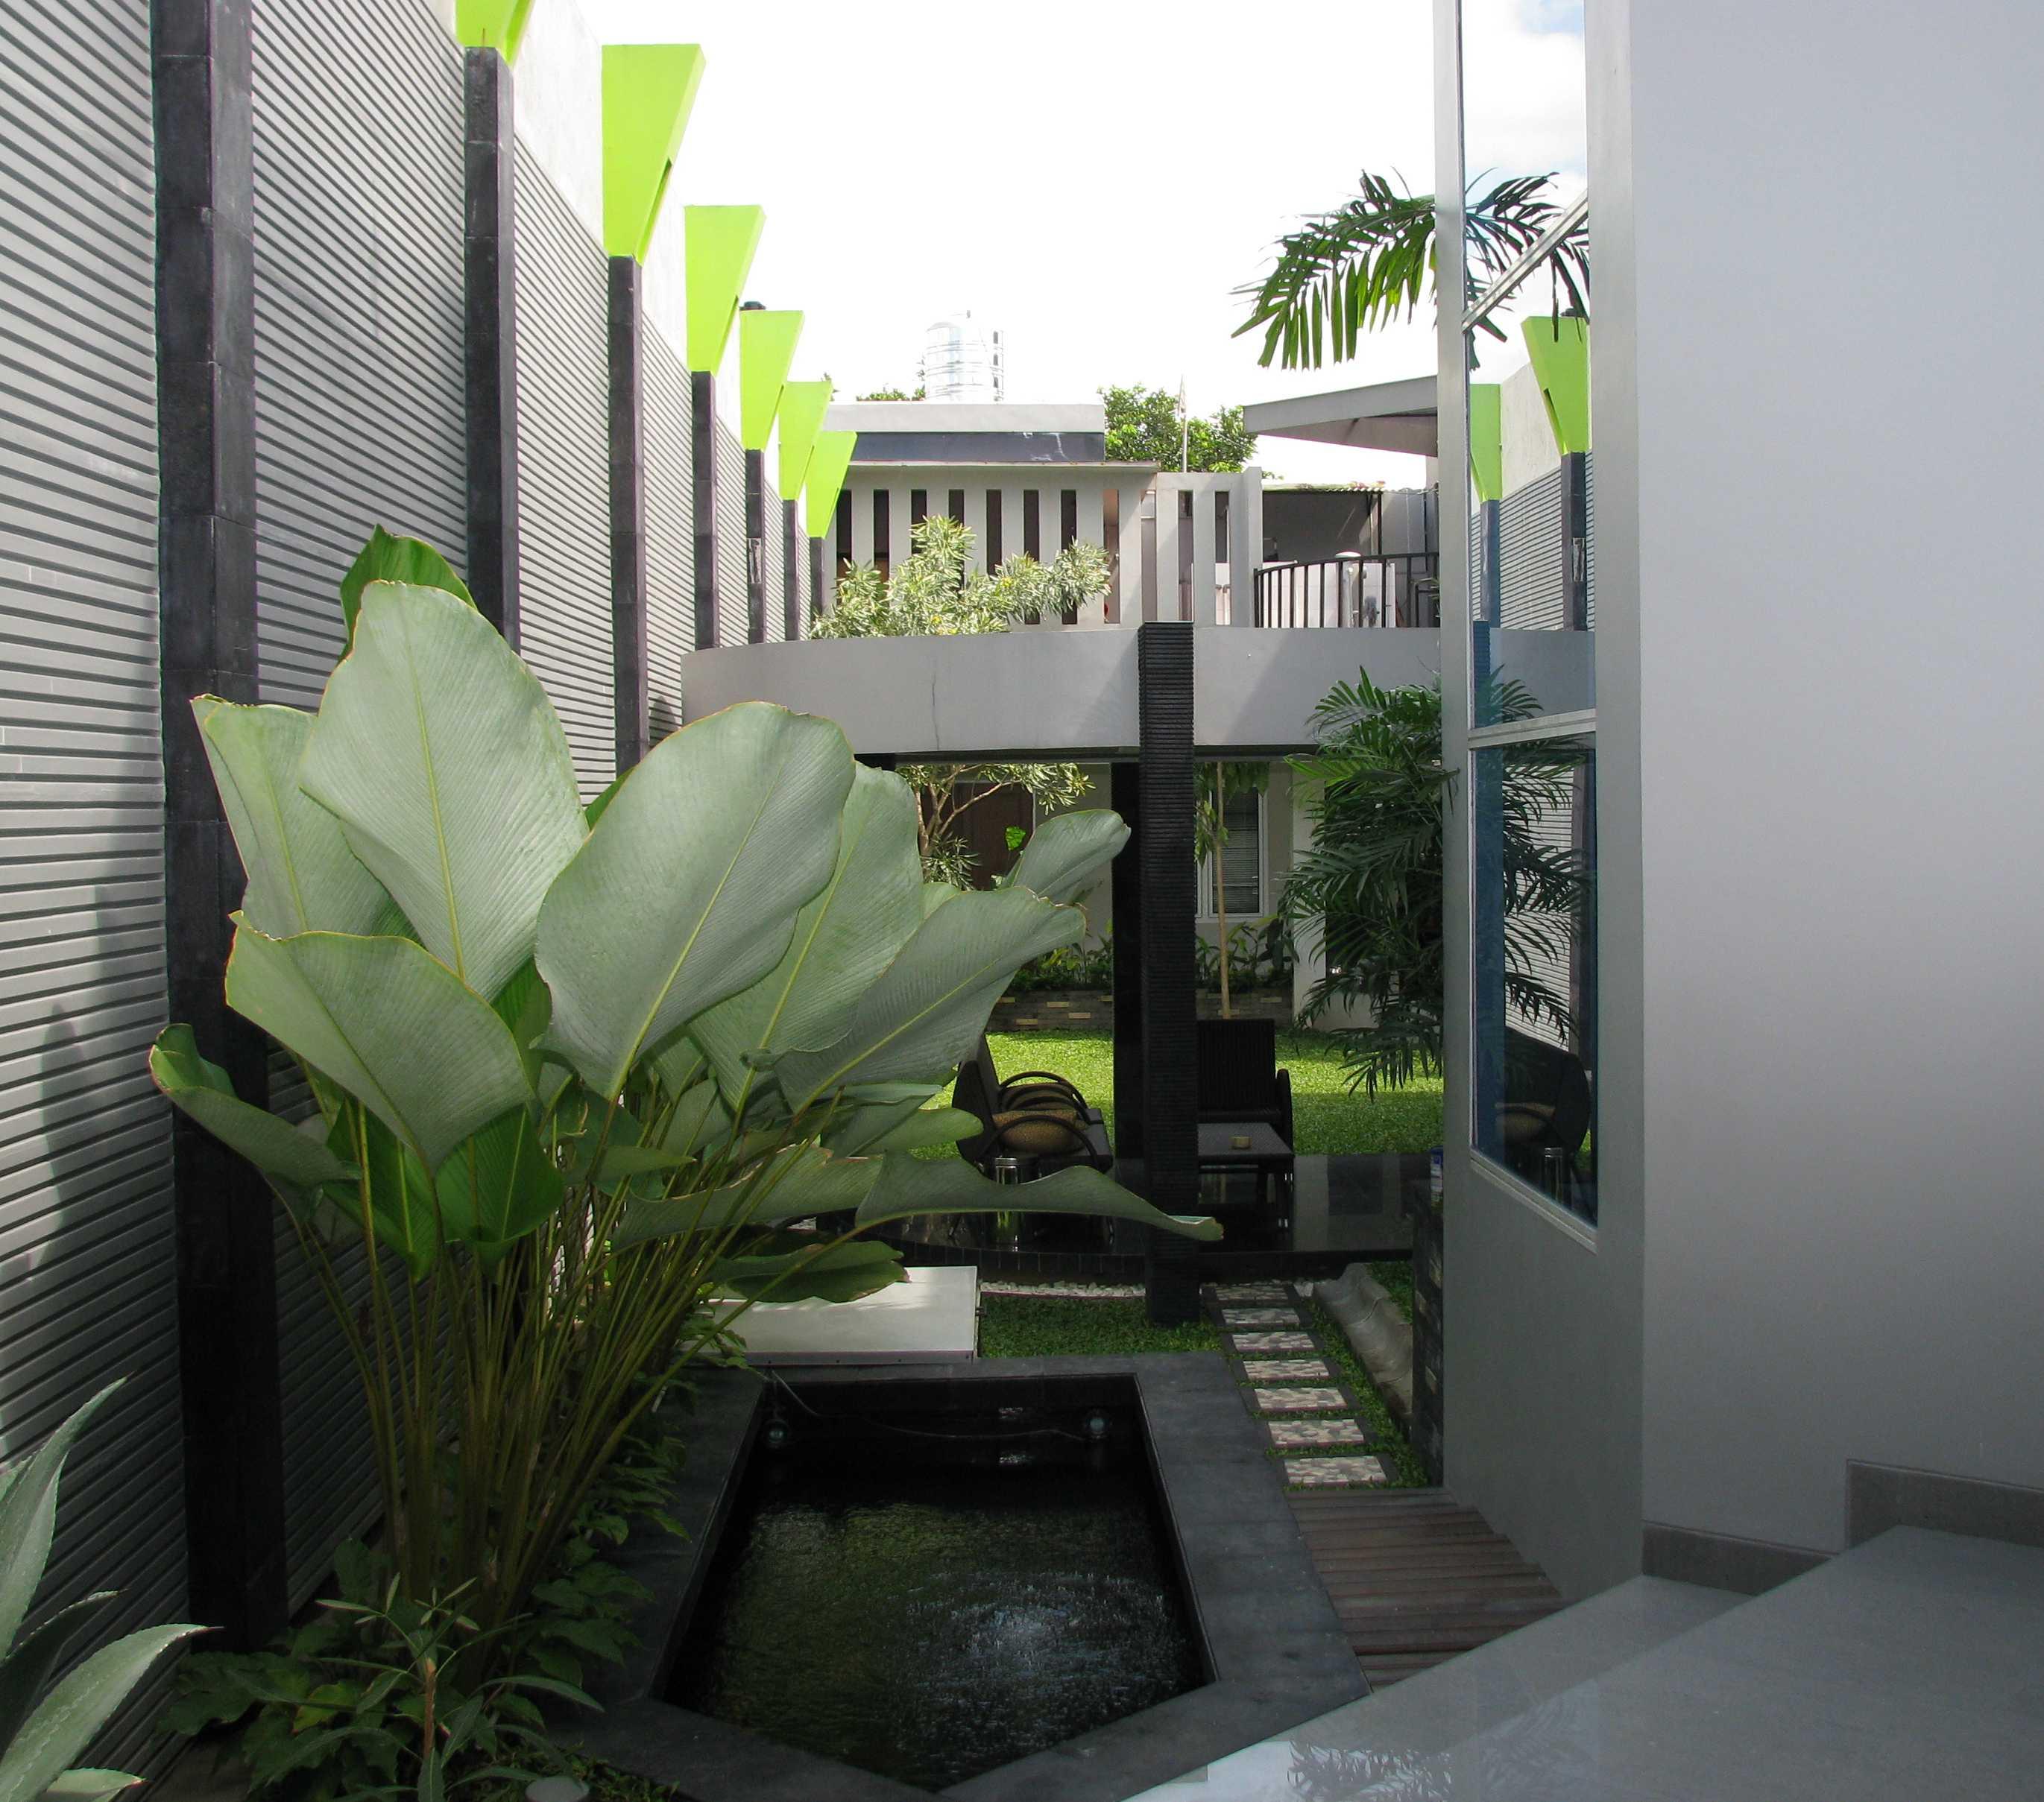 Hbarsitekplus Rumah Minggiran Yogyakarta Yogyakarta Pond Kontemporer  15463